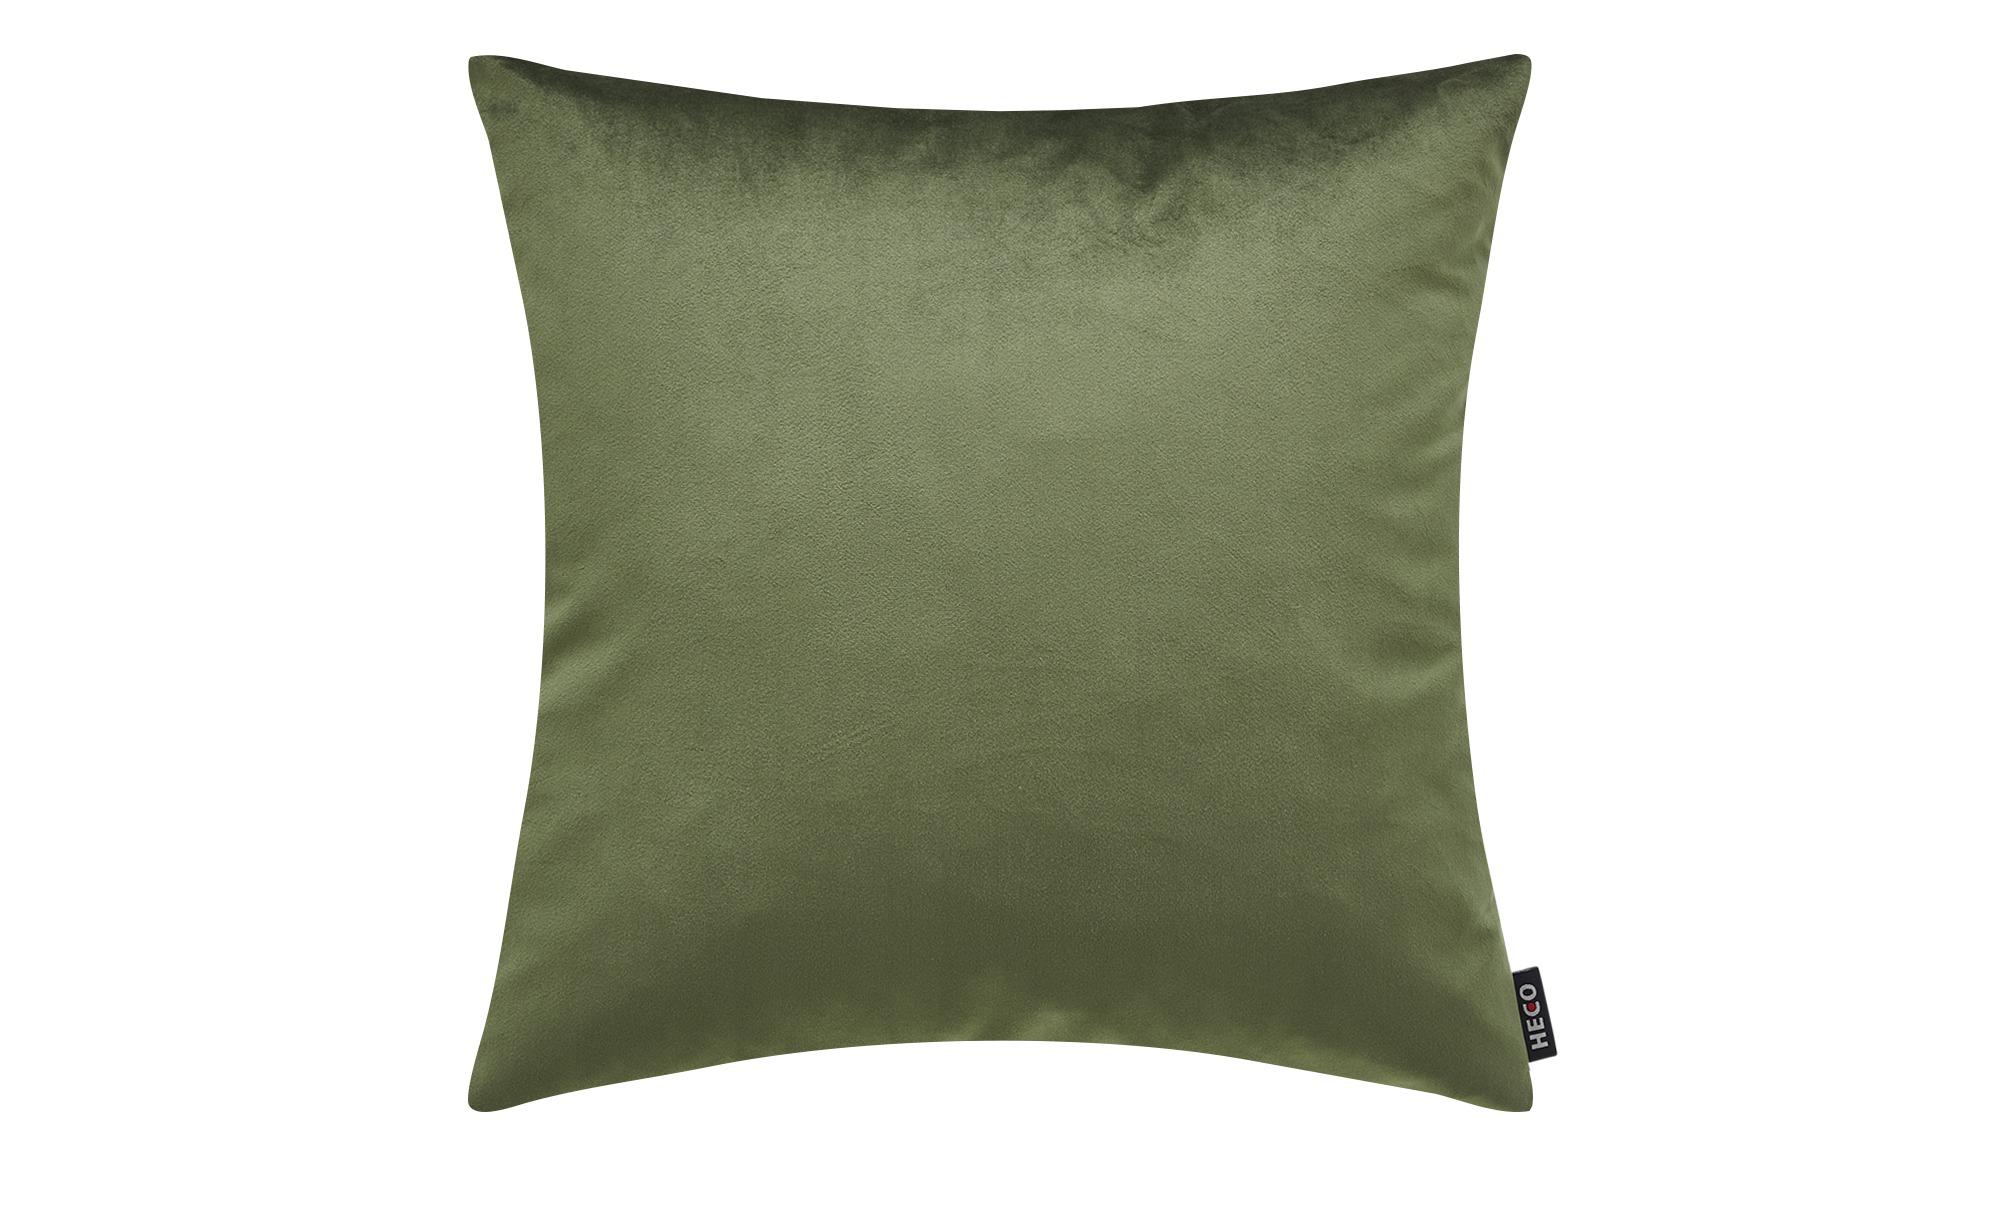 Wendekissen  Fluffy ¦ grün ¦ 100% Federfüllung ¦ Maße (cm): B: 45 Heimtextilien > Kissen > Dekokissen - Höffner